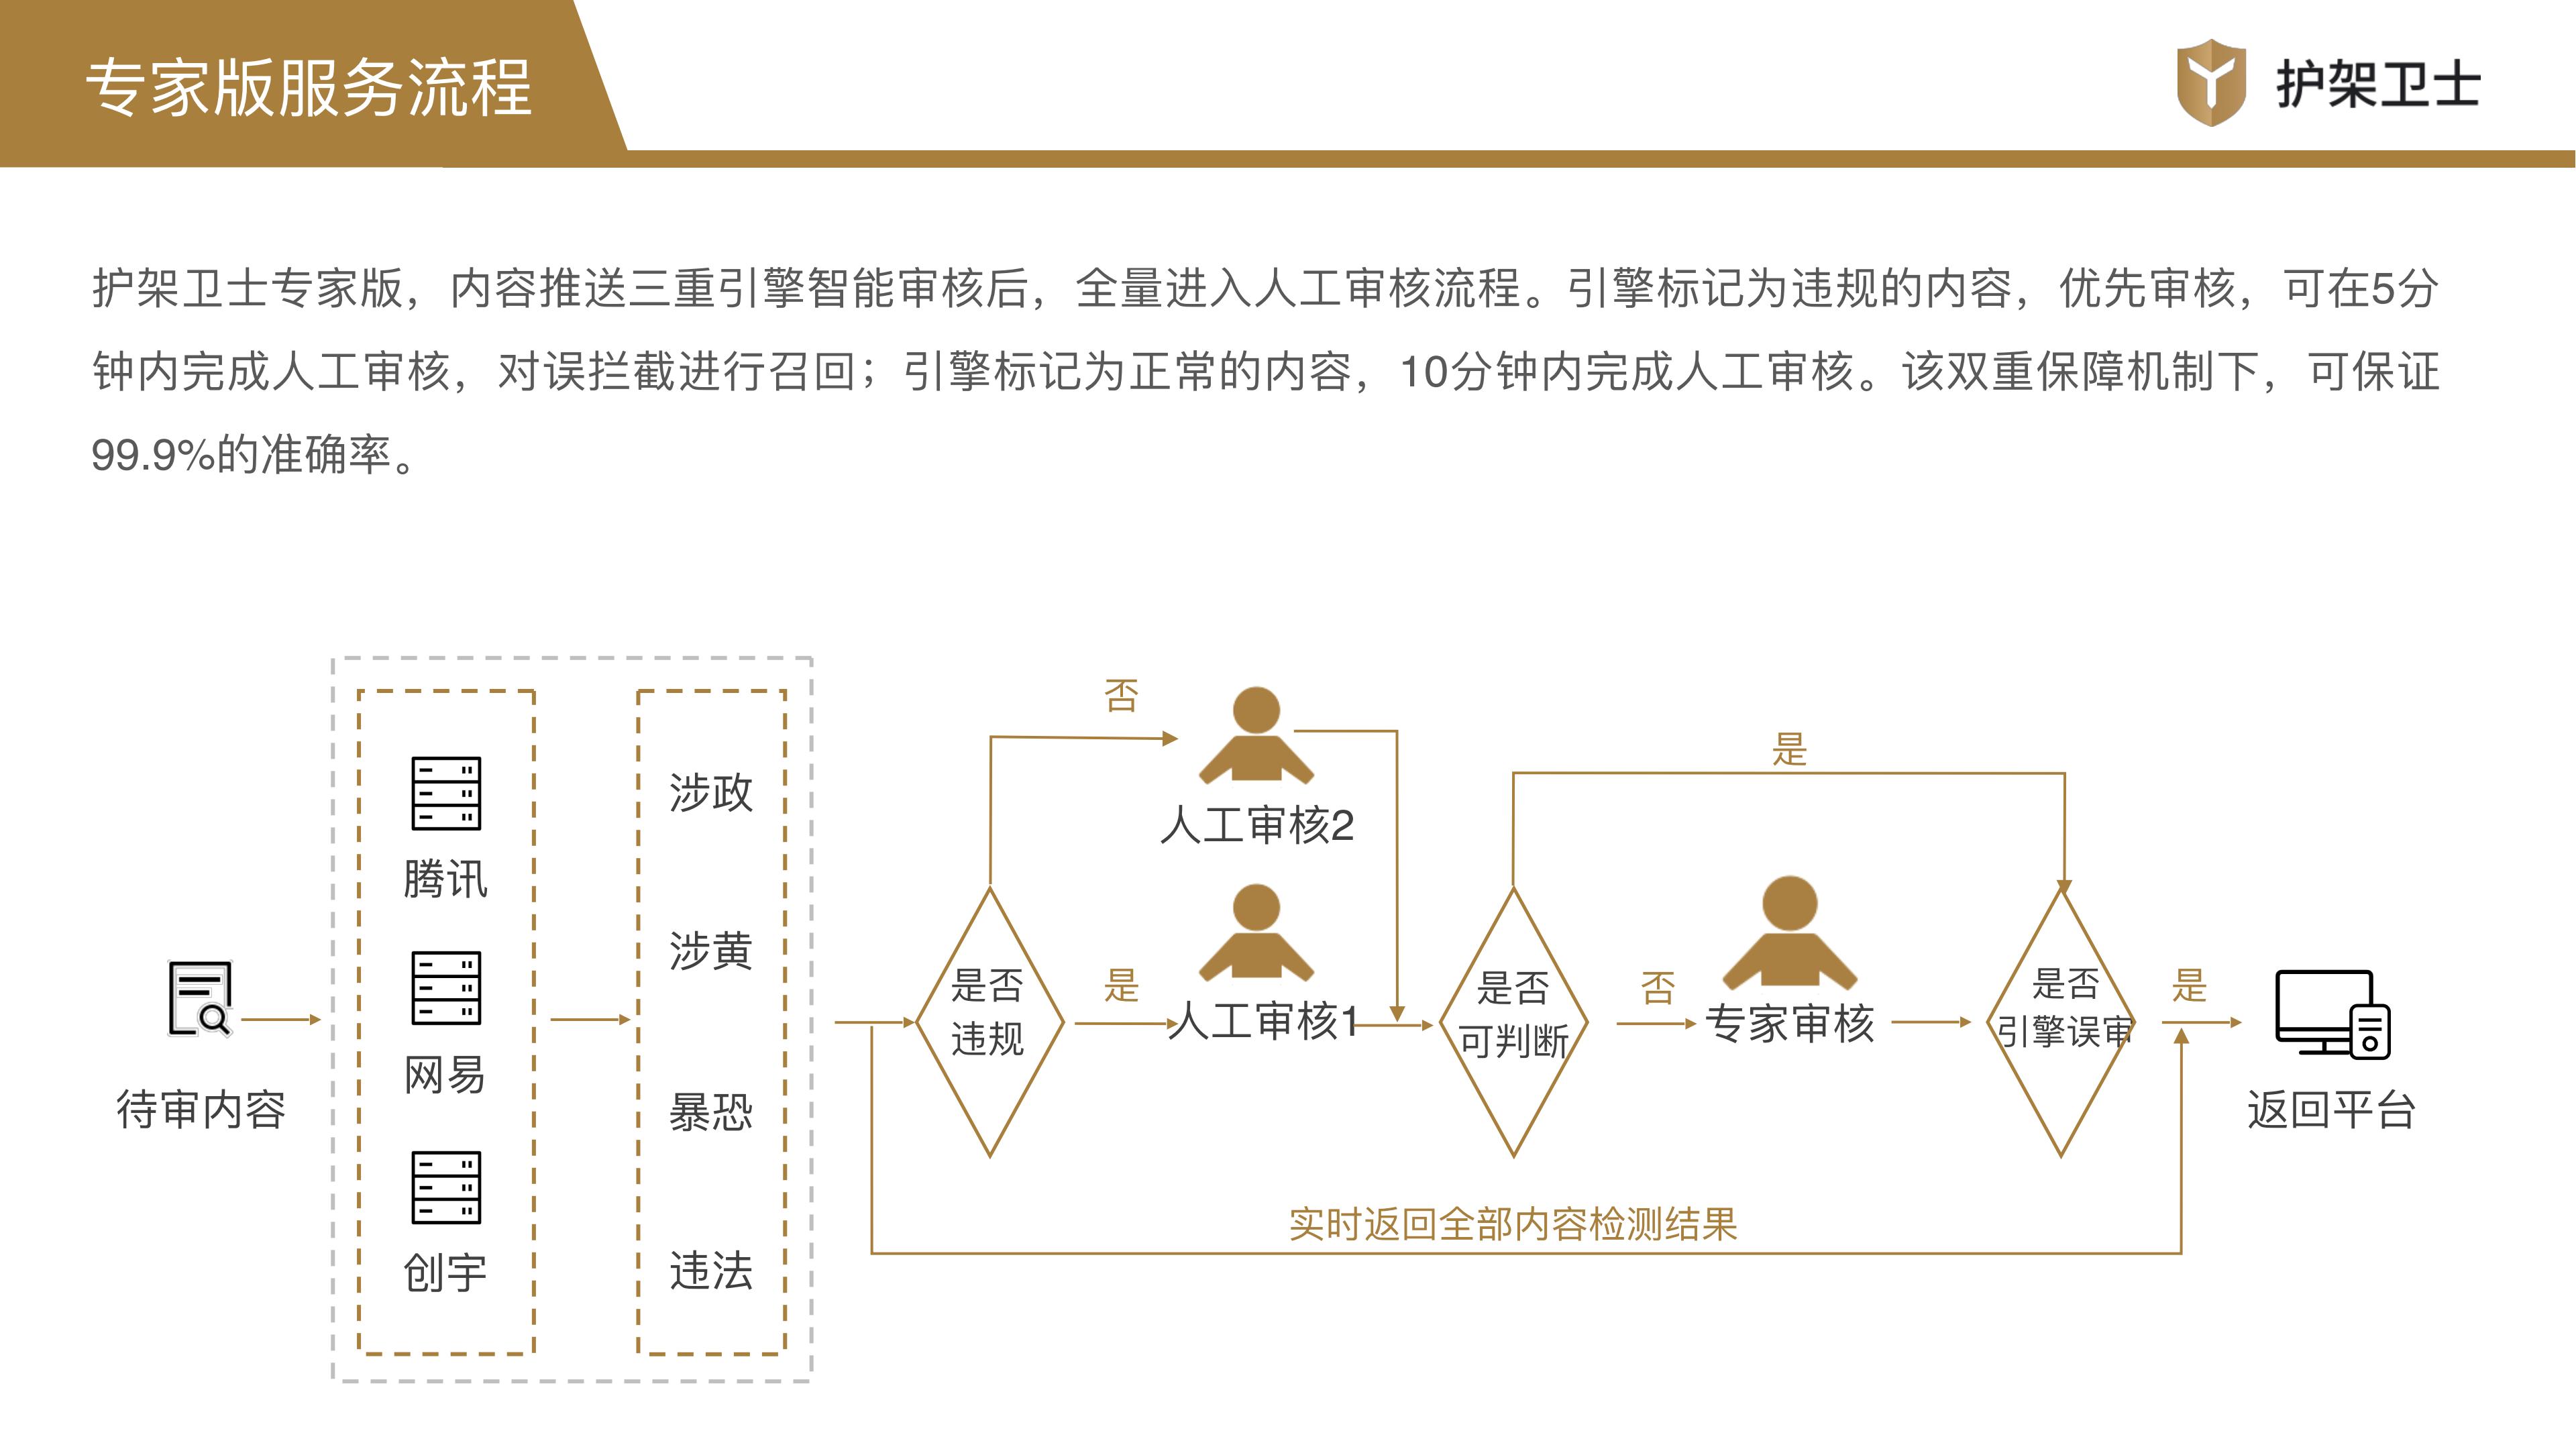 护架卫士产品介绍1.2_13.png